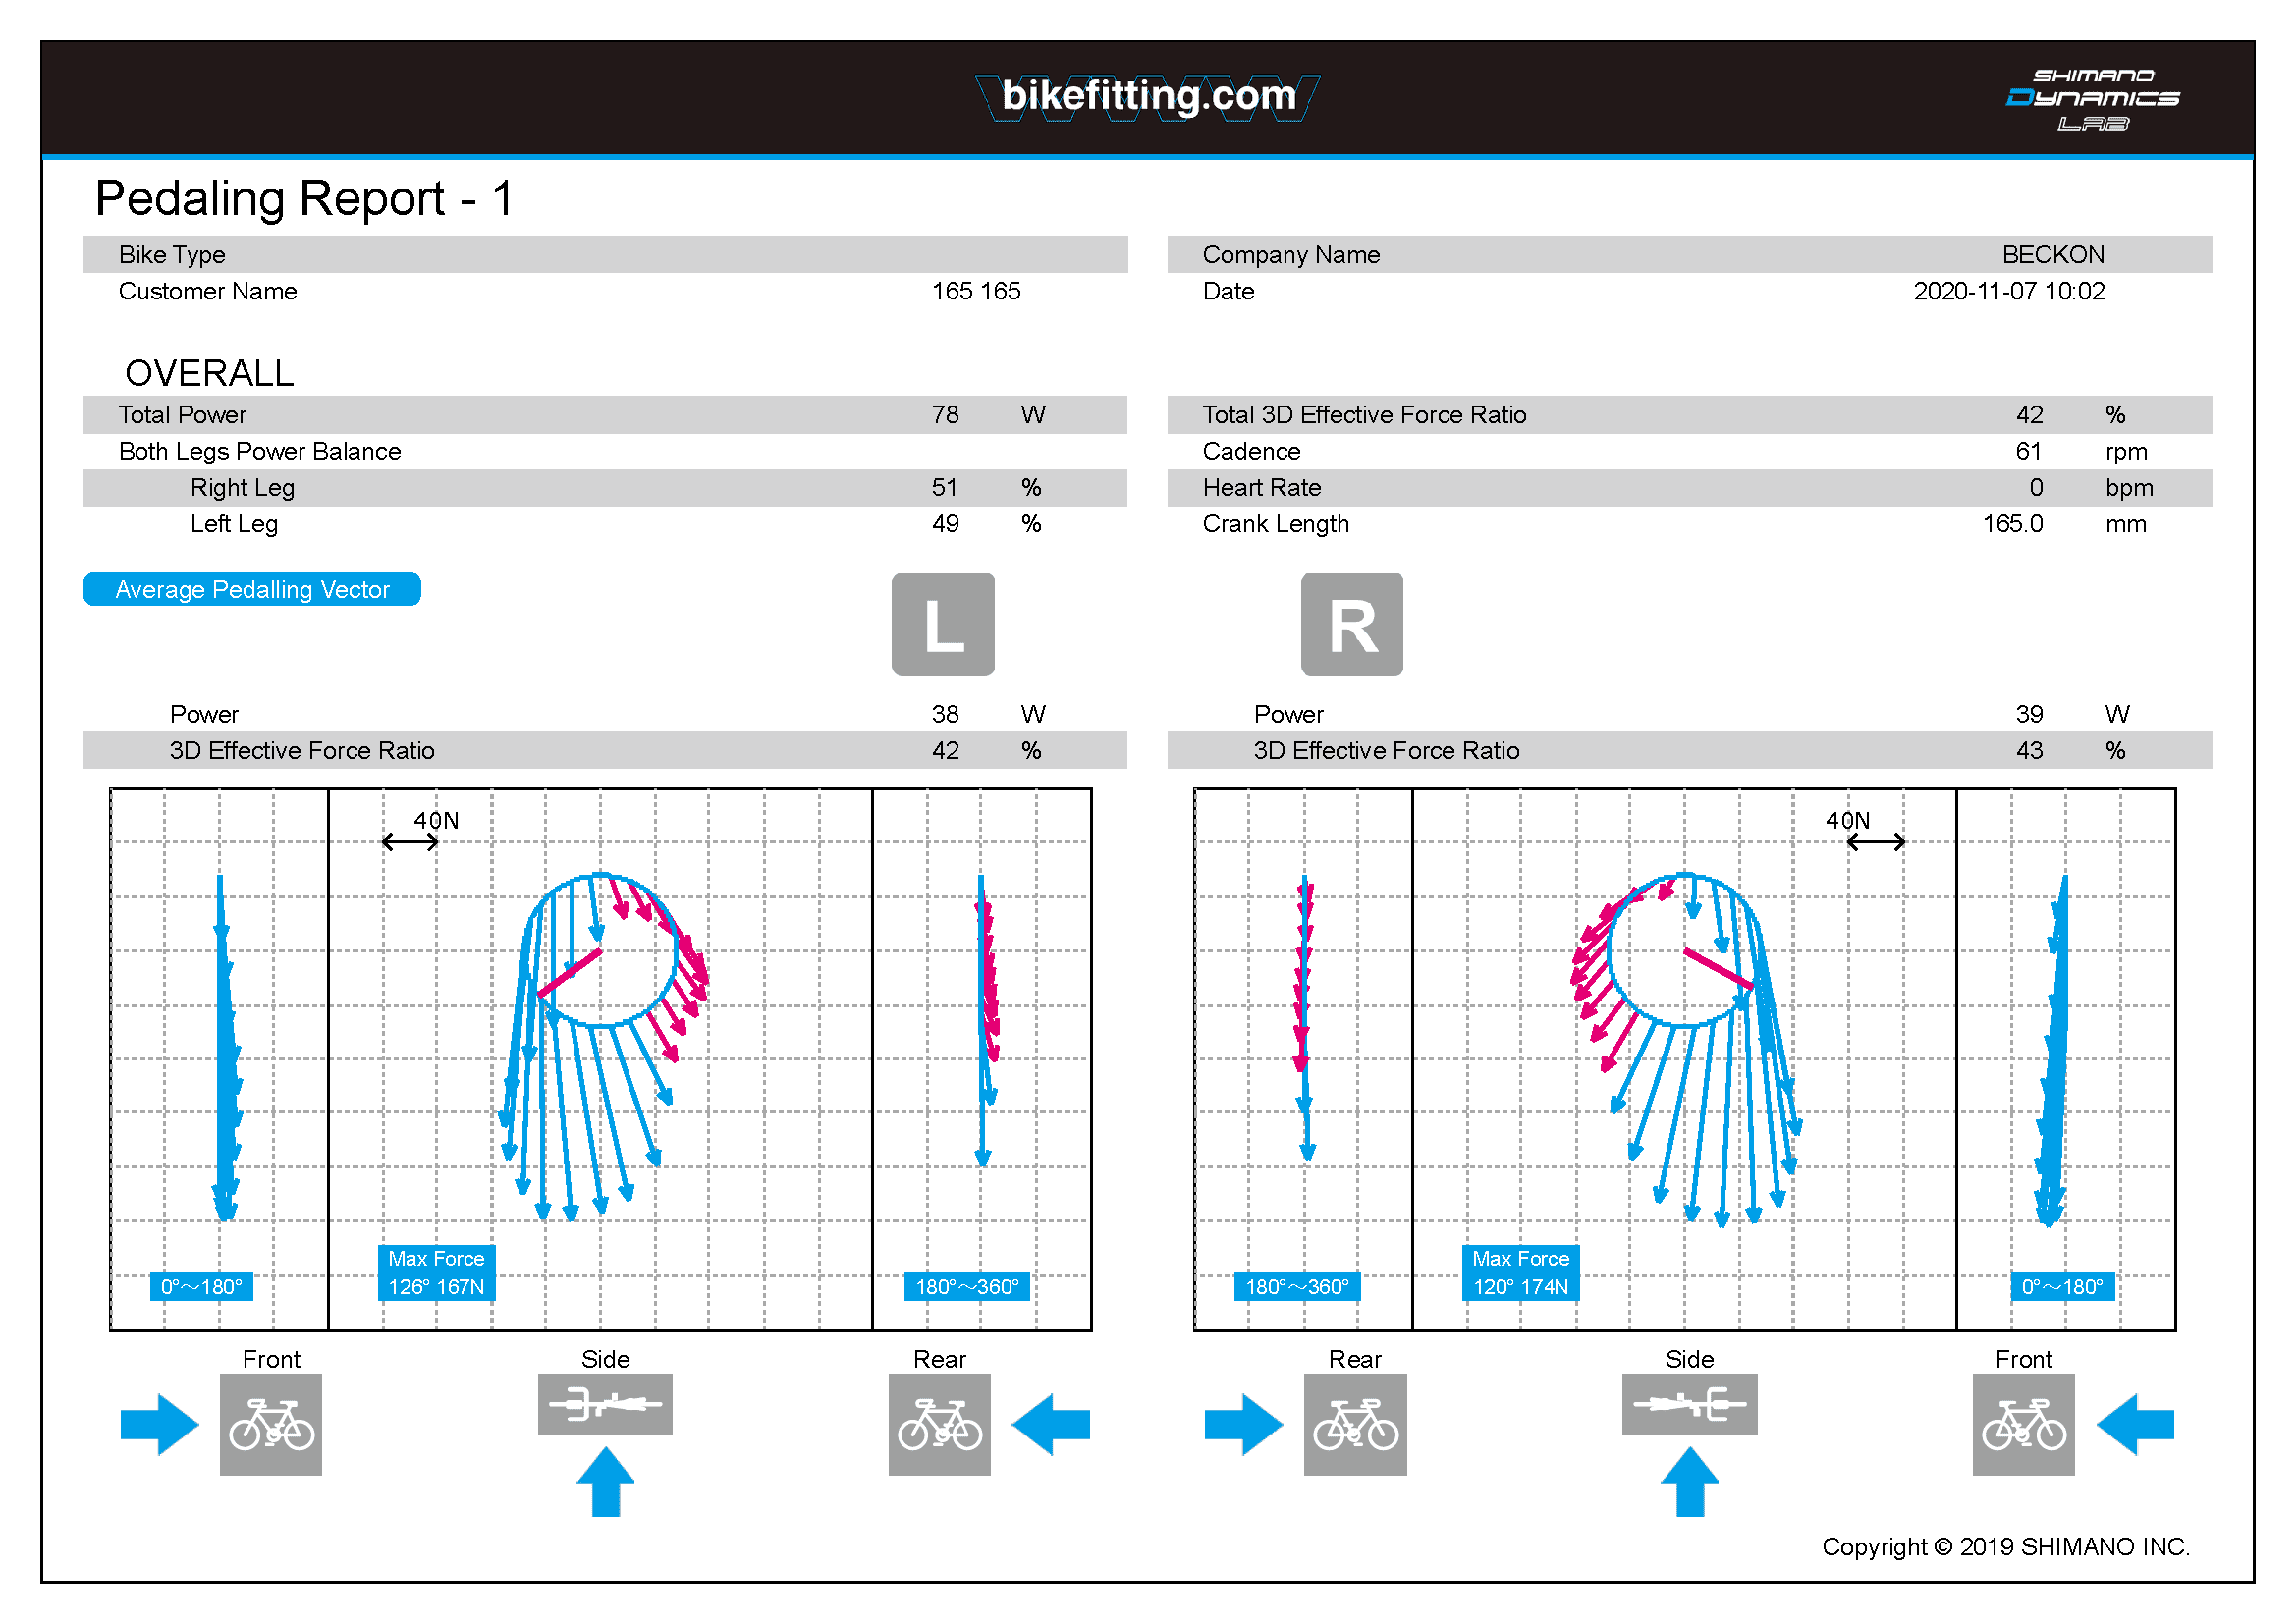 ケイデンス(1分間のクランク回転数)や力の大きさ・方向・効率が可視化される